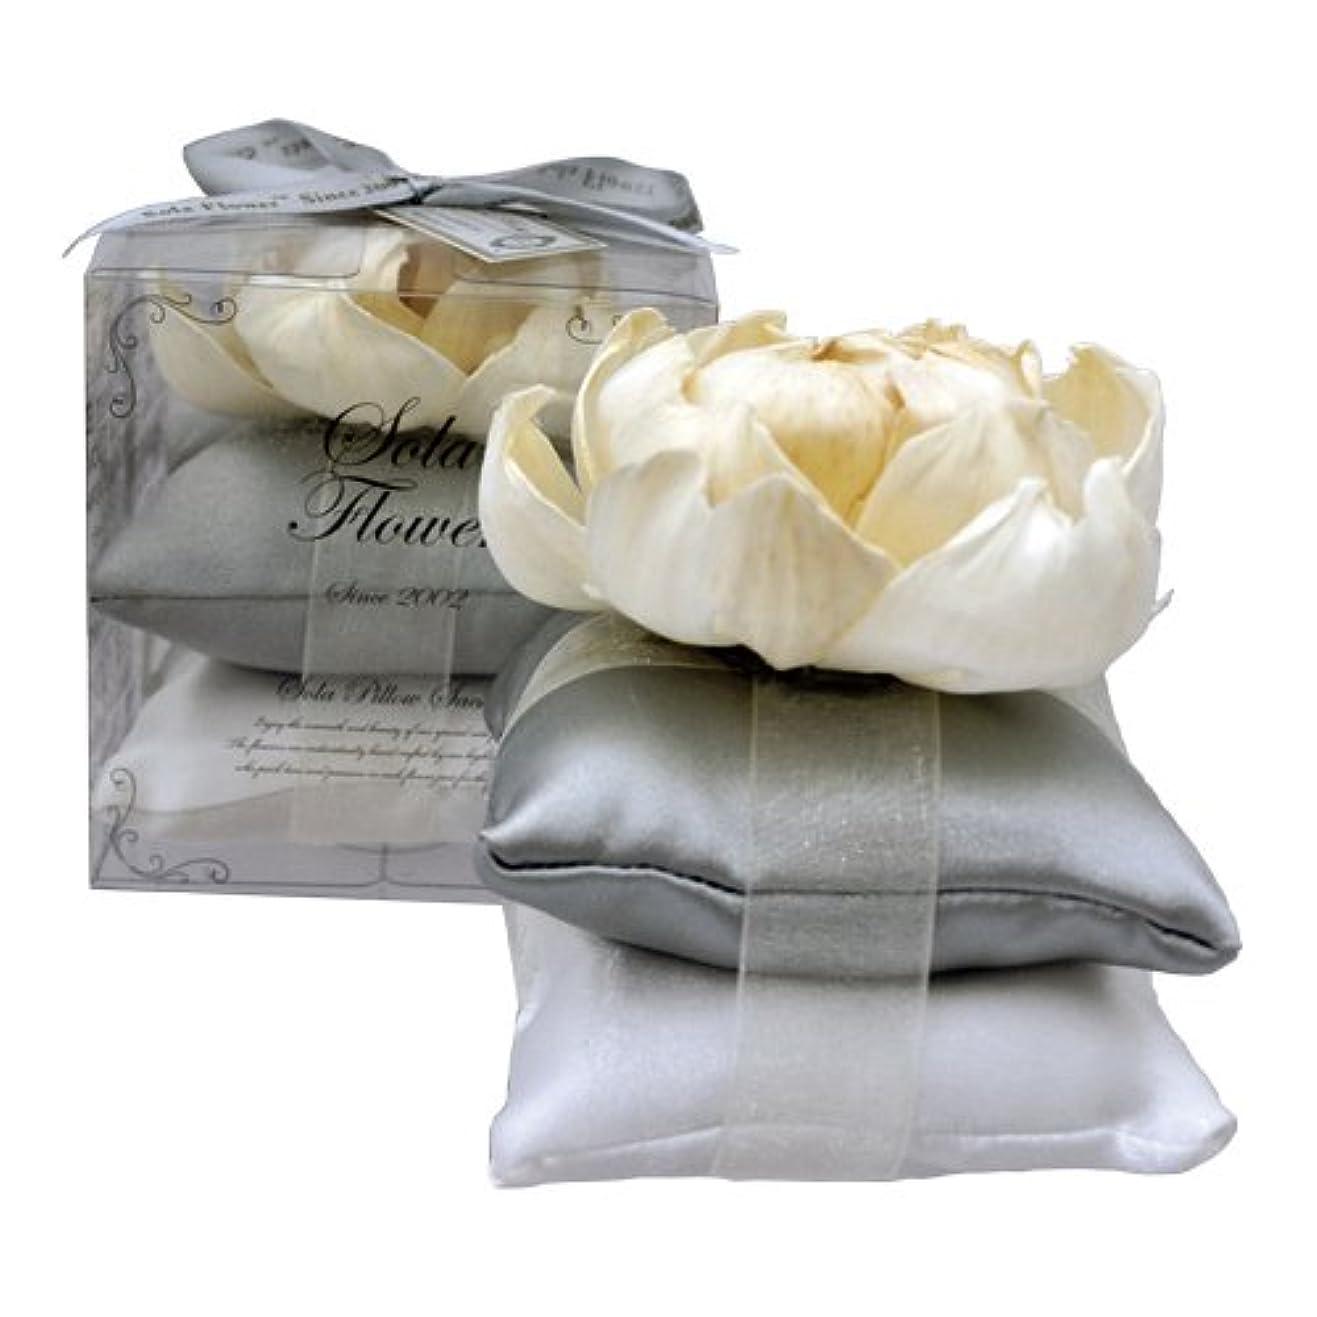 動かす試してみる教義new Sola Flower ソラフラワー ピローサシェ Elegant Peony エレガントピオニー Pillow Sachet